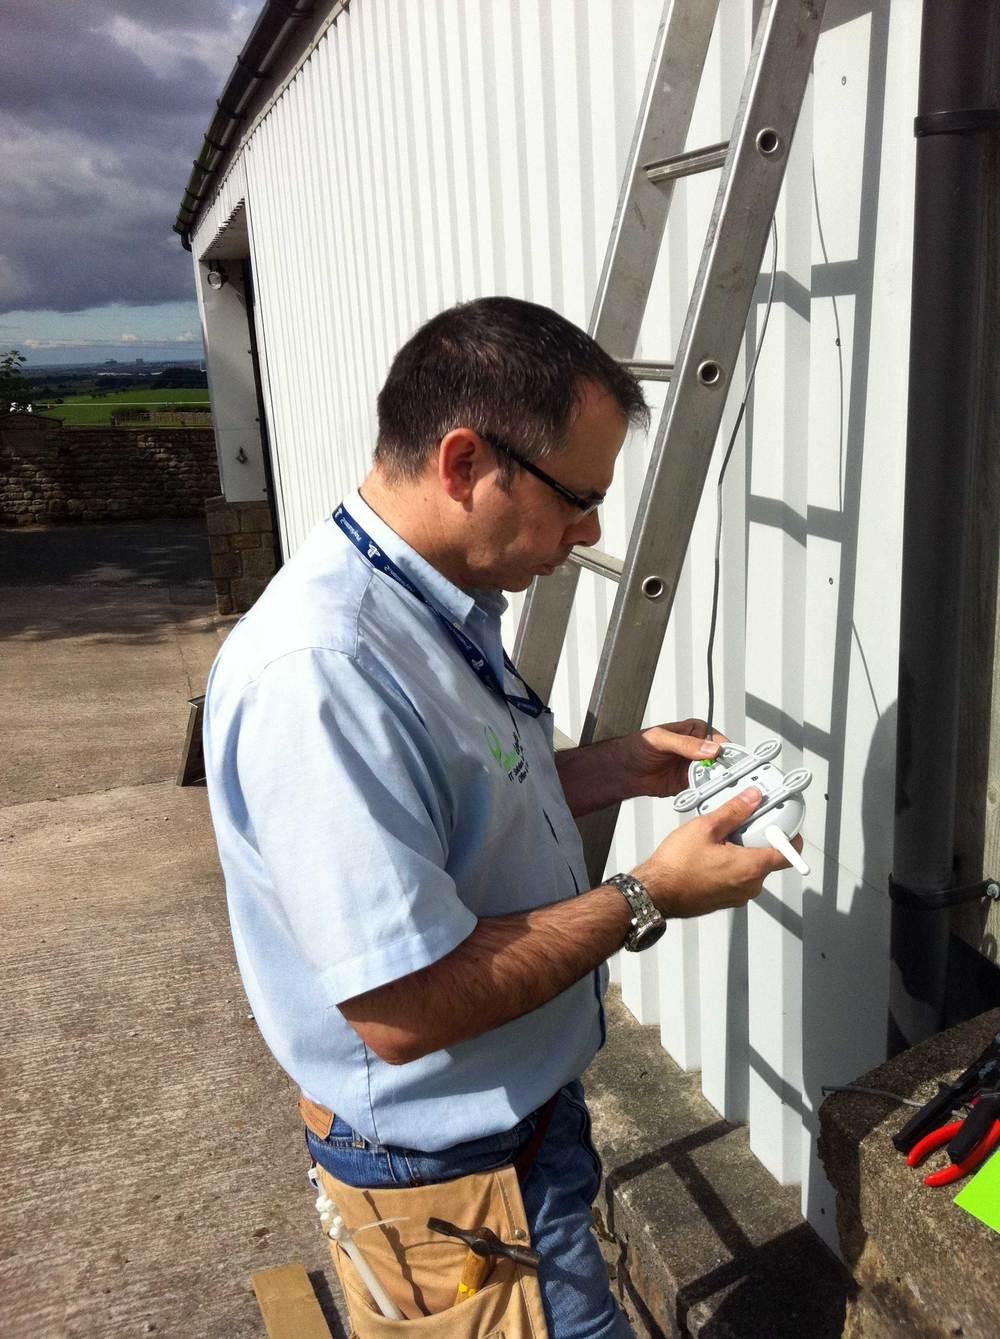 Mike Dent installing Meraki repeater